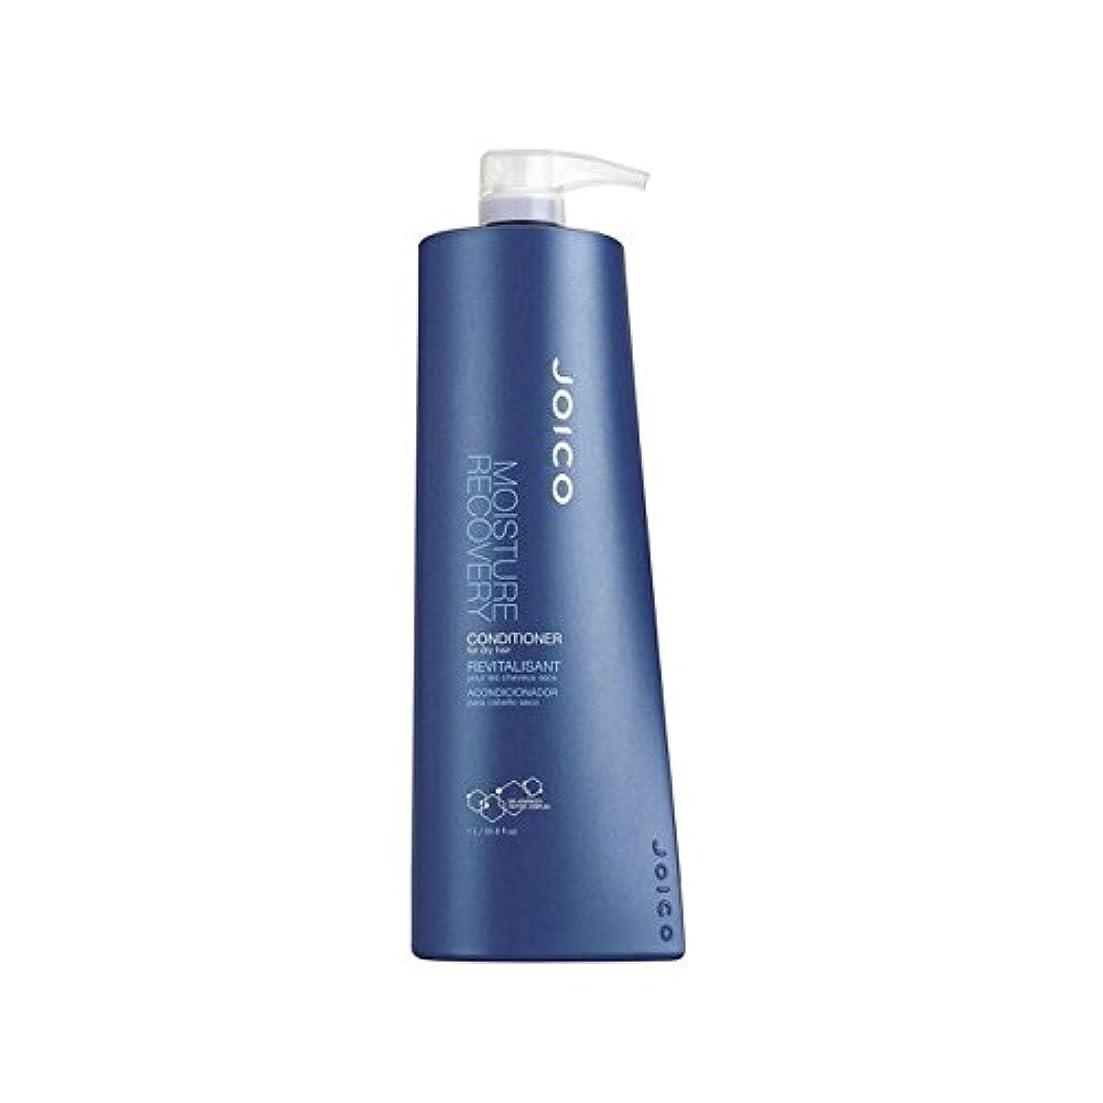 夫婦失われた保持Joico Moisture Recovery Conditioner For Dry Hair (1000ml) - 乾いた髪用ジョイコ水分回復コンディショナー(千ミリリットル) [並行輸入品]